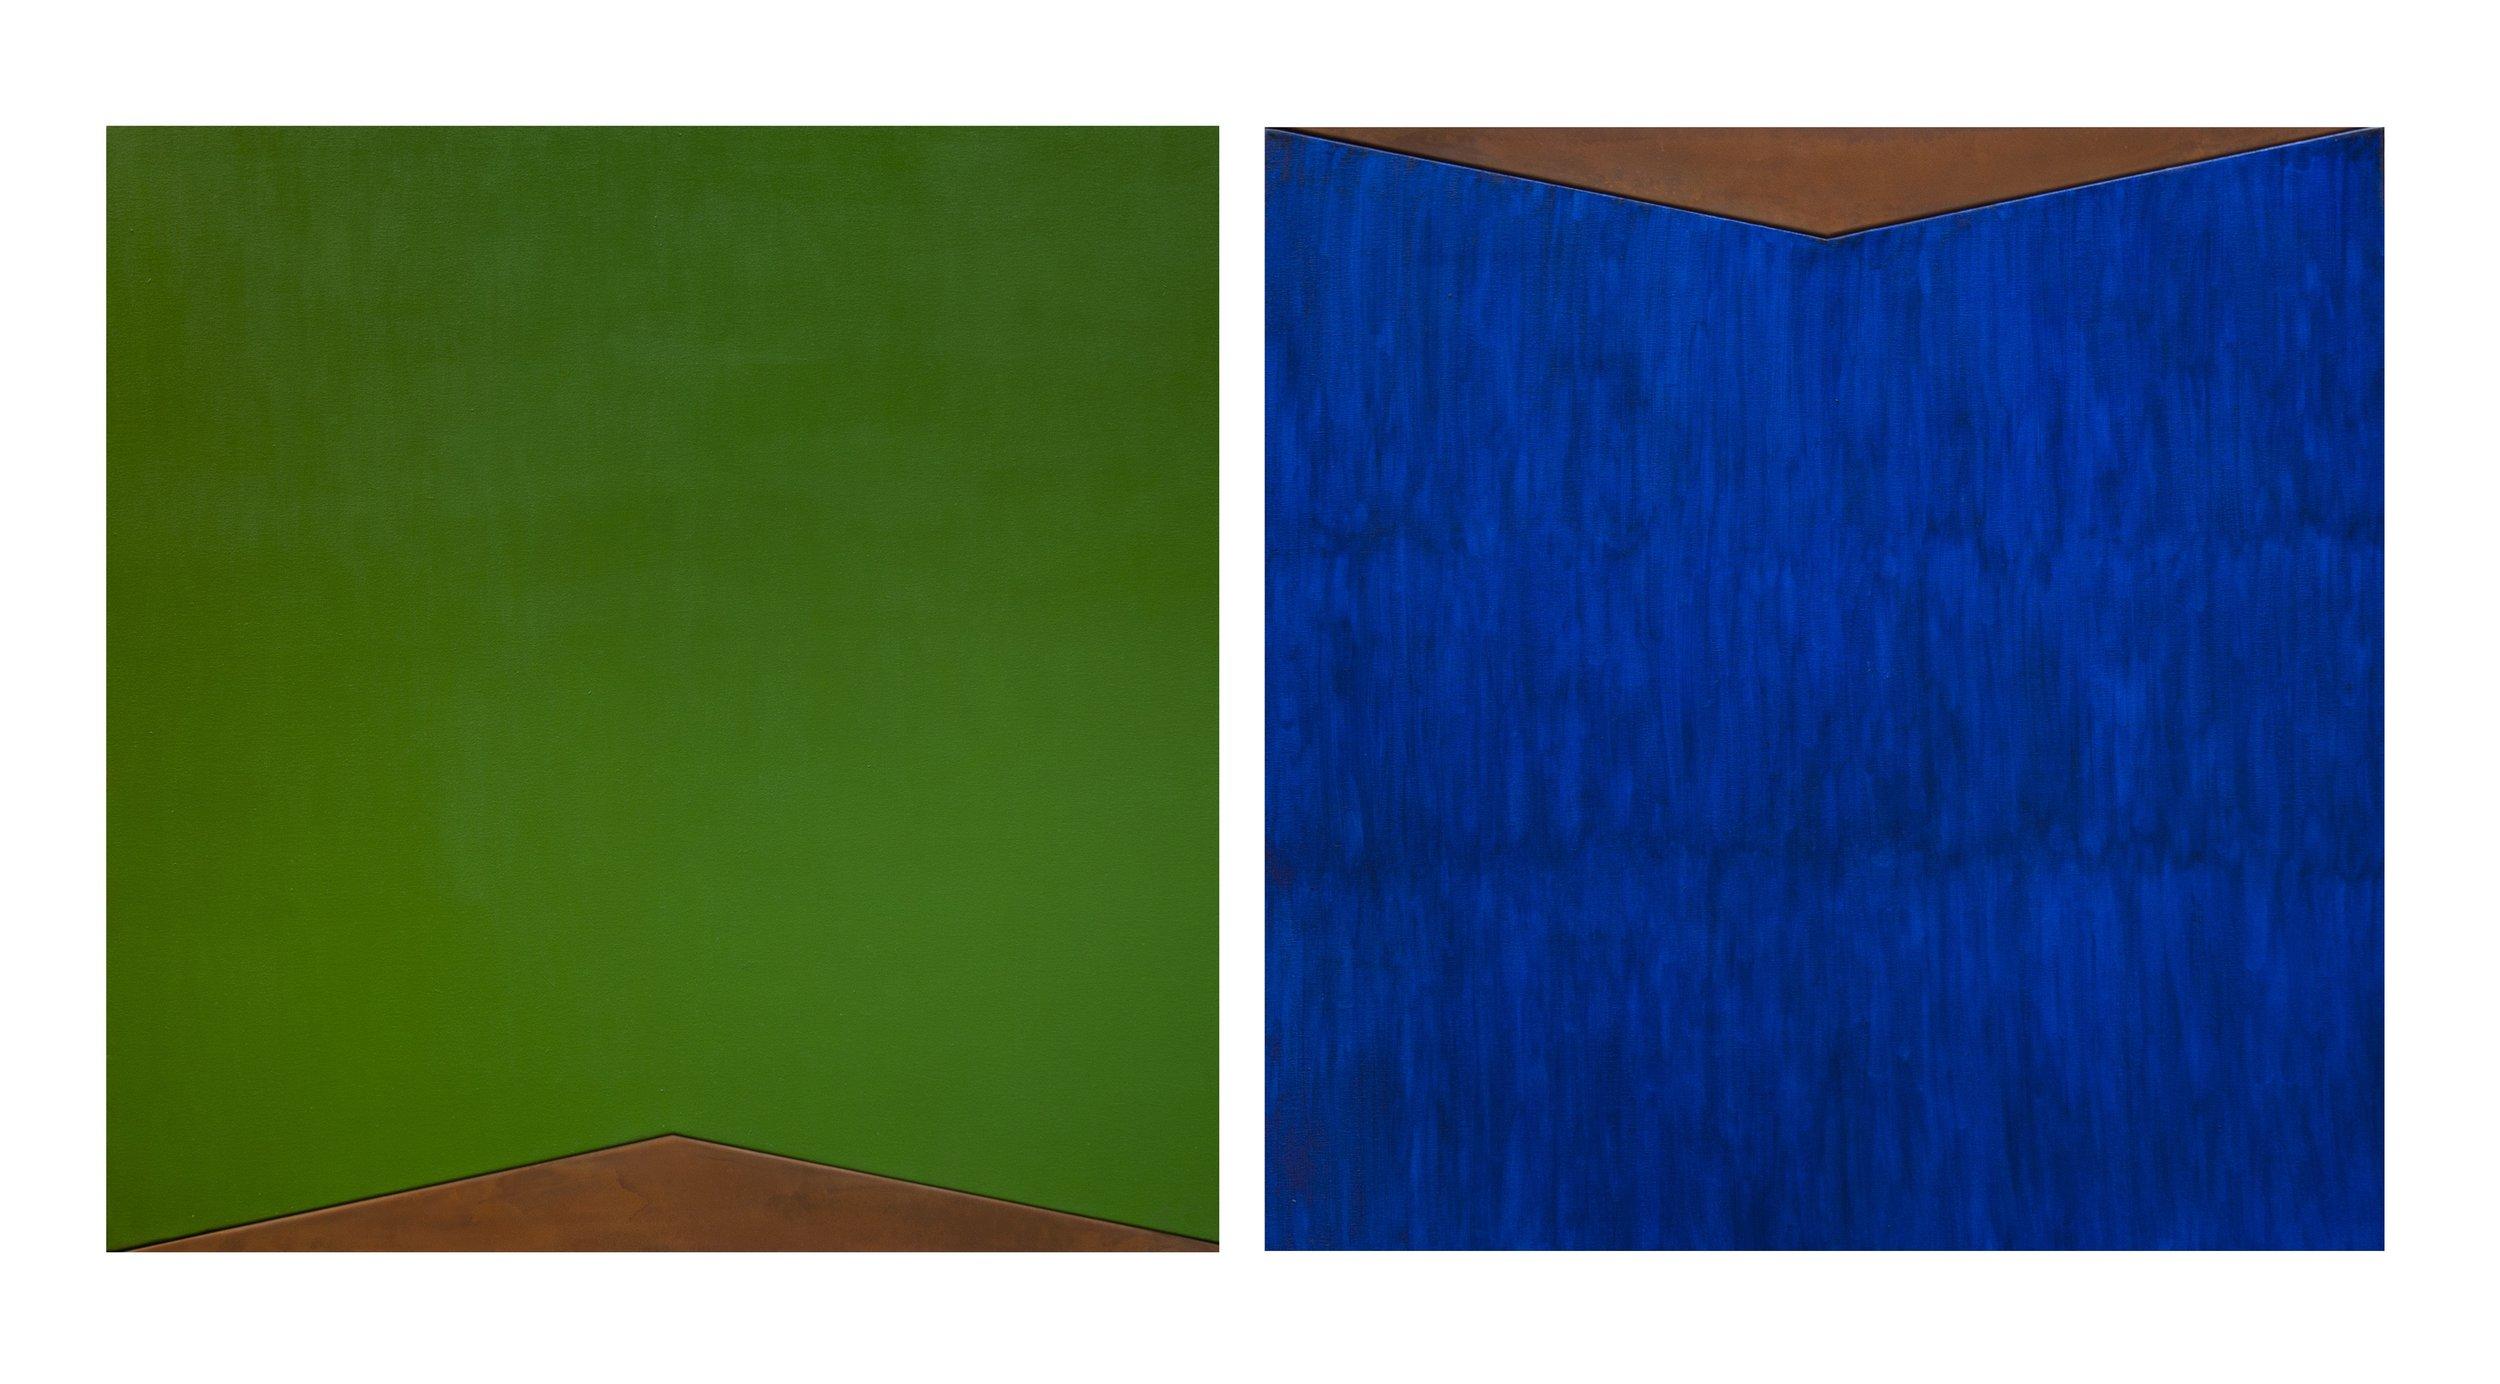 Resistencia #1 y #2, 80 x 160 cms